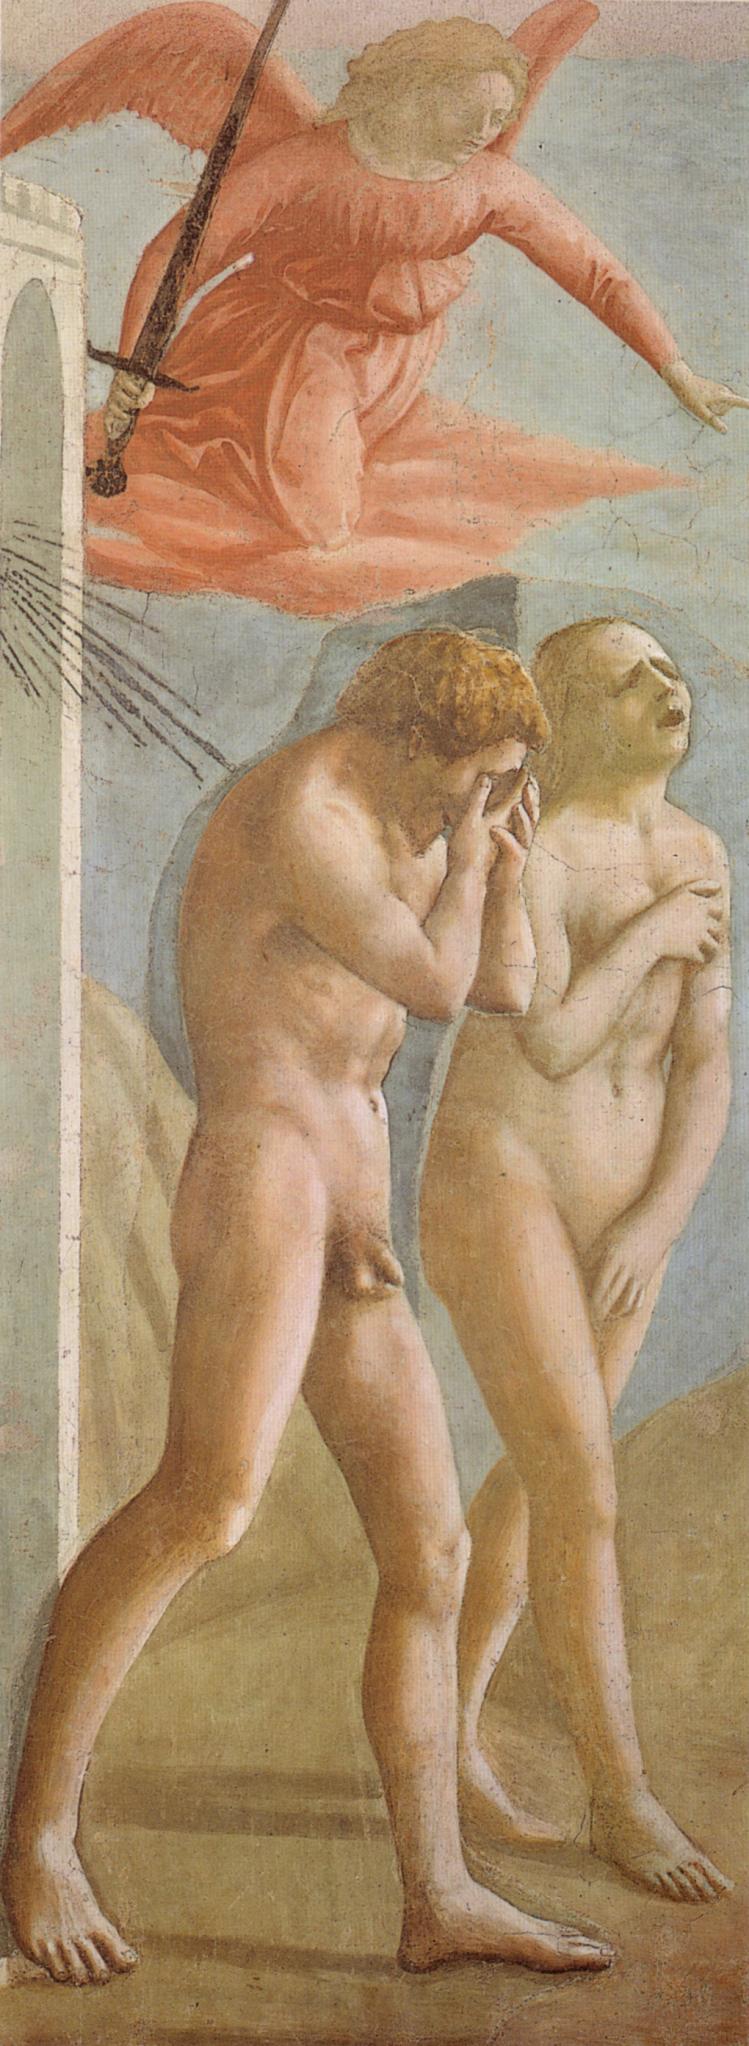 """Tommaso di Ser Giovanni di Mone Cassai called Masaccio (1401 – 1428) """"The Expulsion from the Garden of Eden/Cacciata dei Progenitori dall'Eden"""" (1424-1425), Fresco, 214 x 88 cm, Cappella Brancacci, Chiesa di Santa Maria del Carmine, Firenze."""